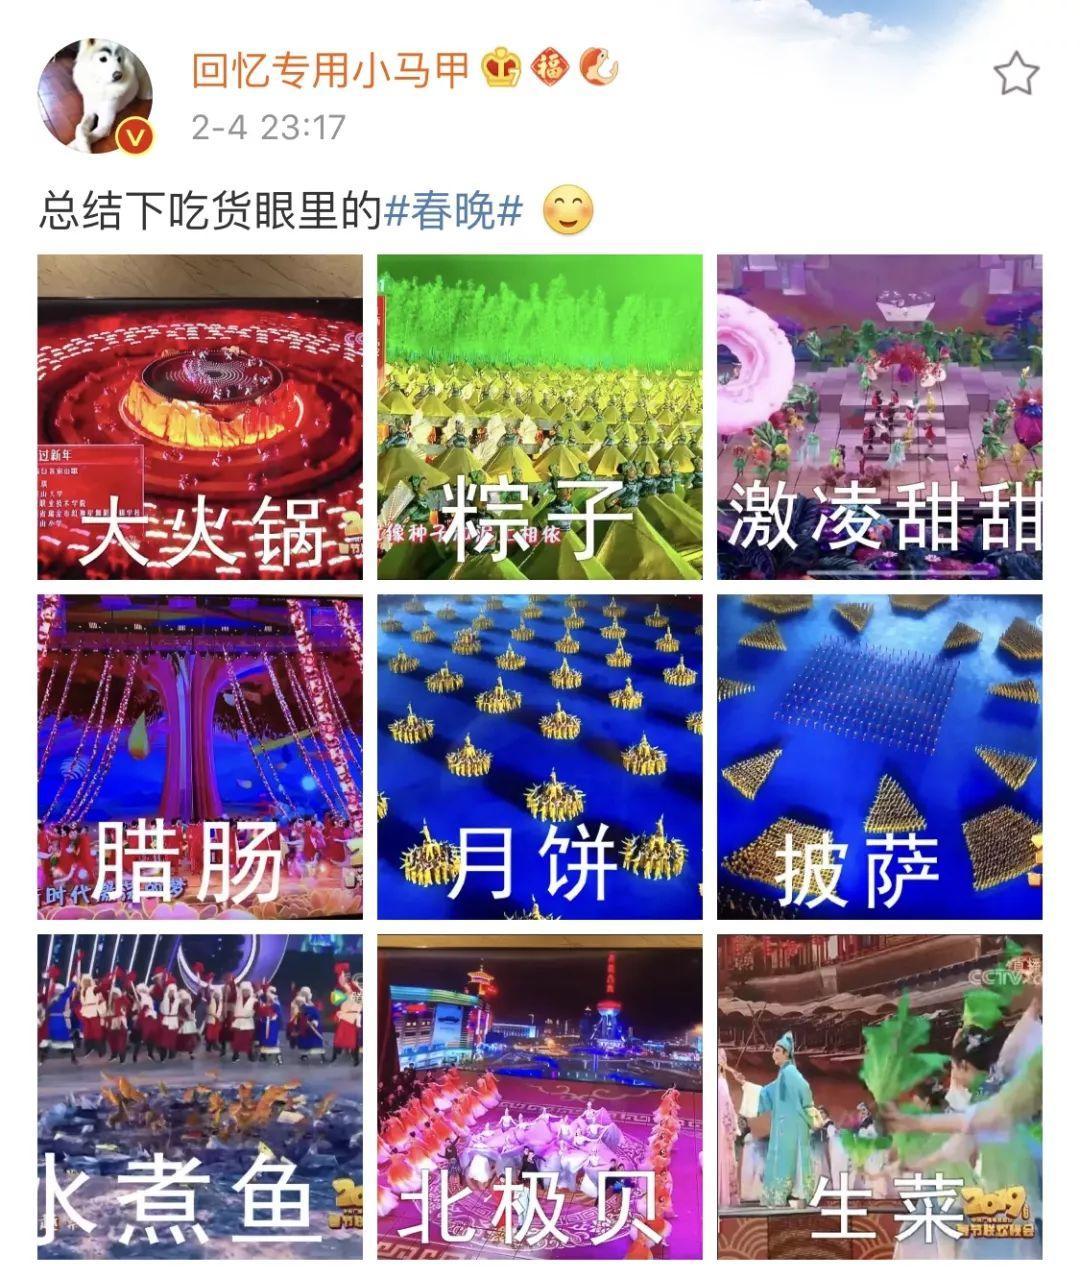 微博「过年」,一种春节文化的诞生与养成